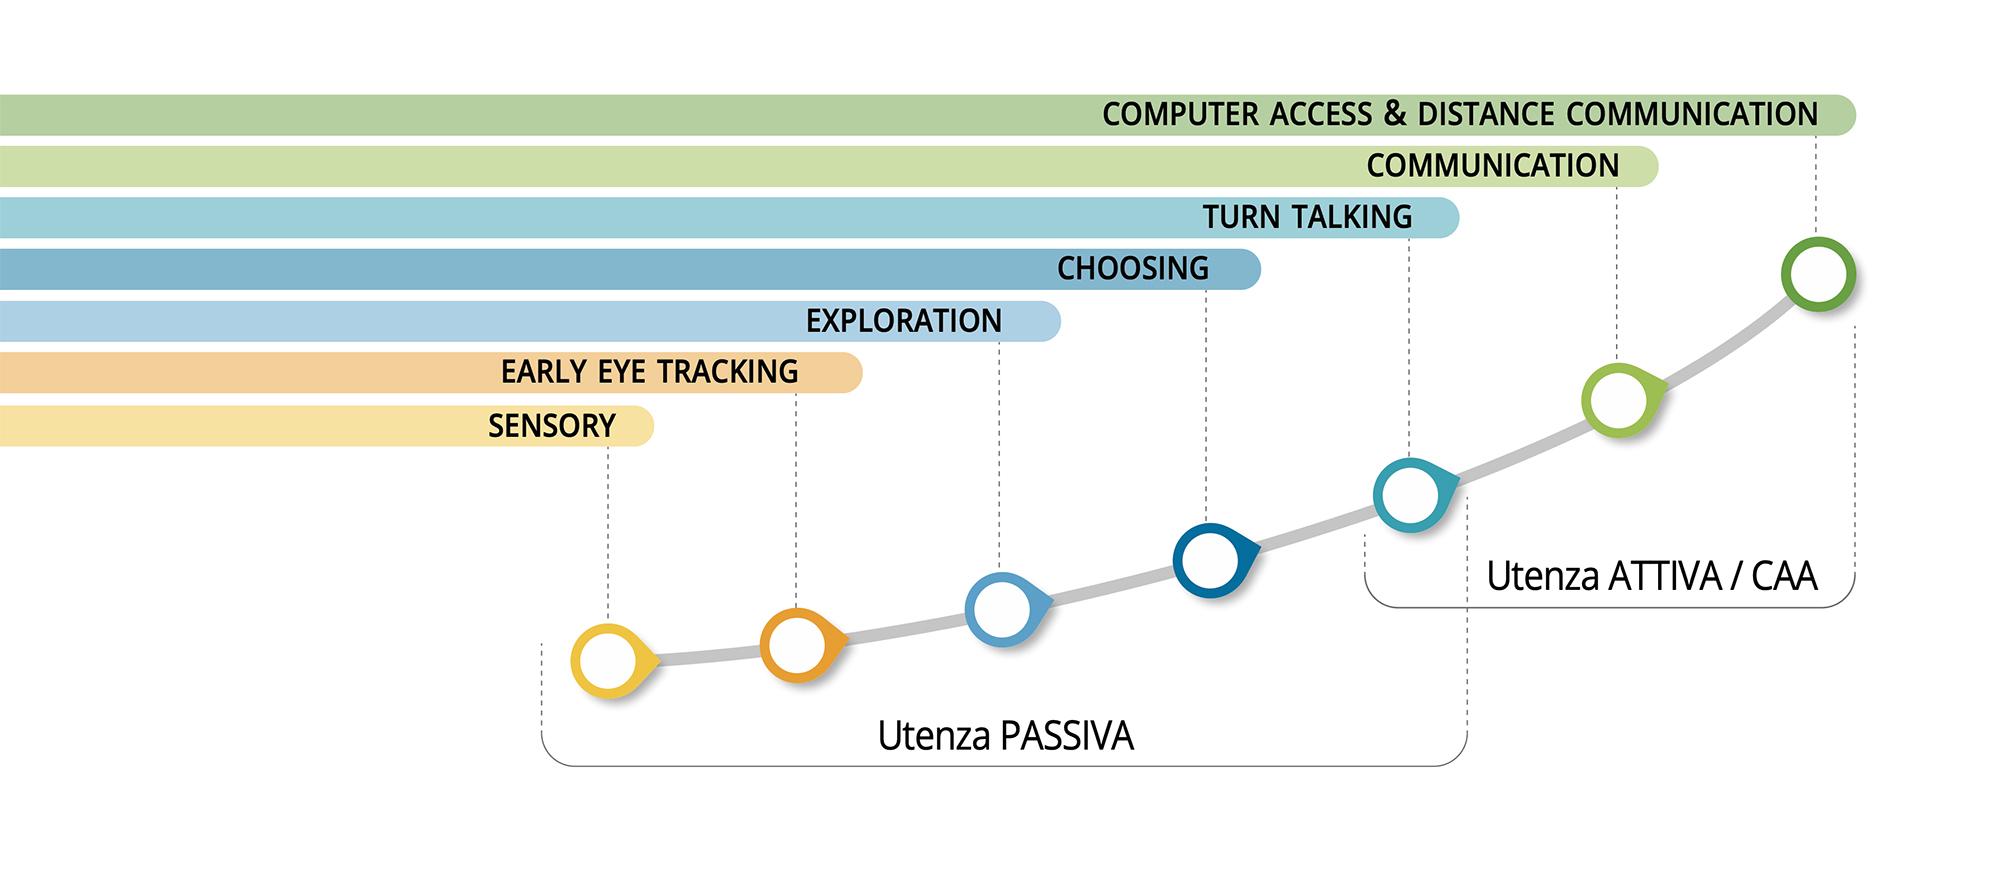 passaggi della curva di apprendimento basata su tecnologia eye tracking